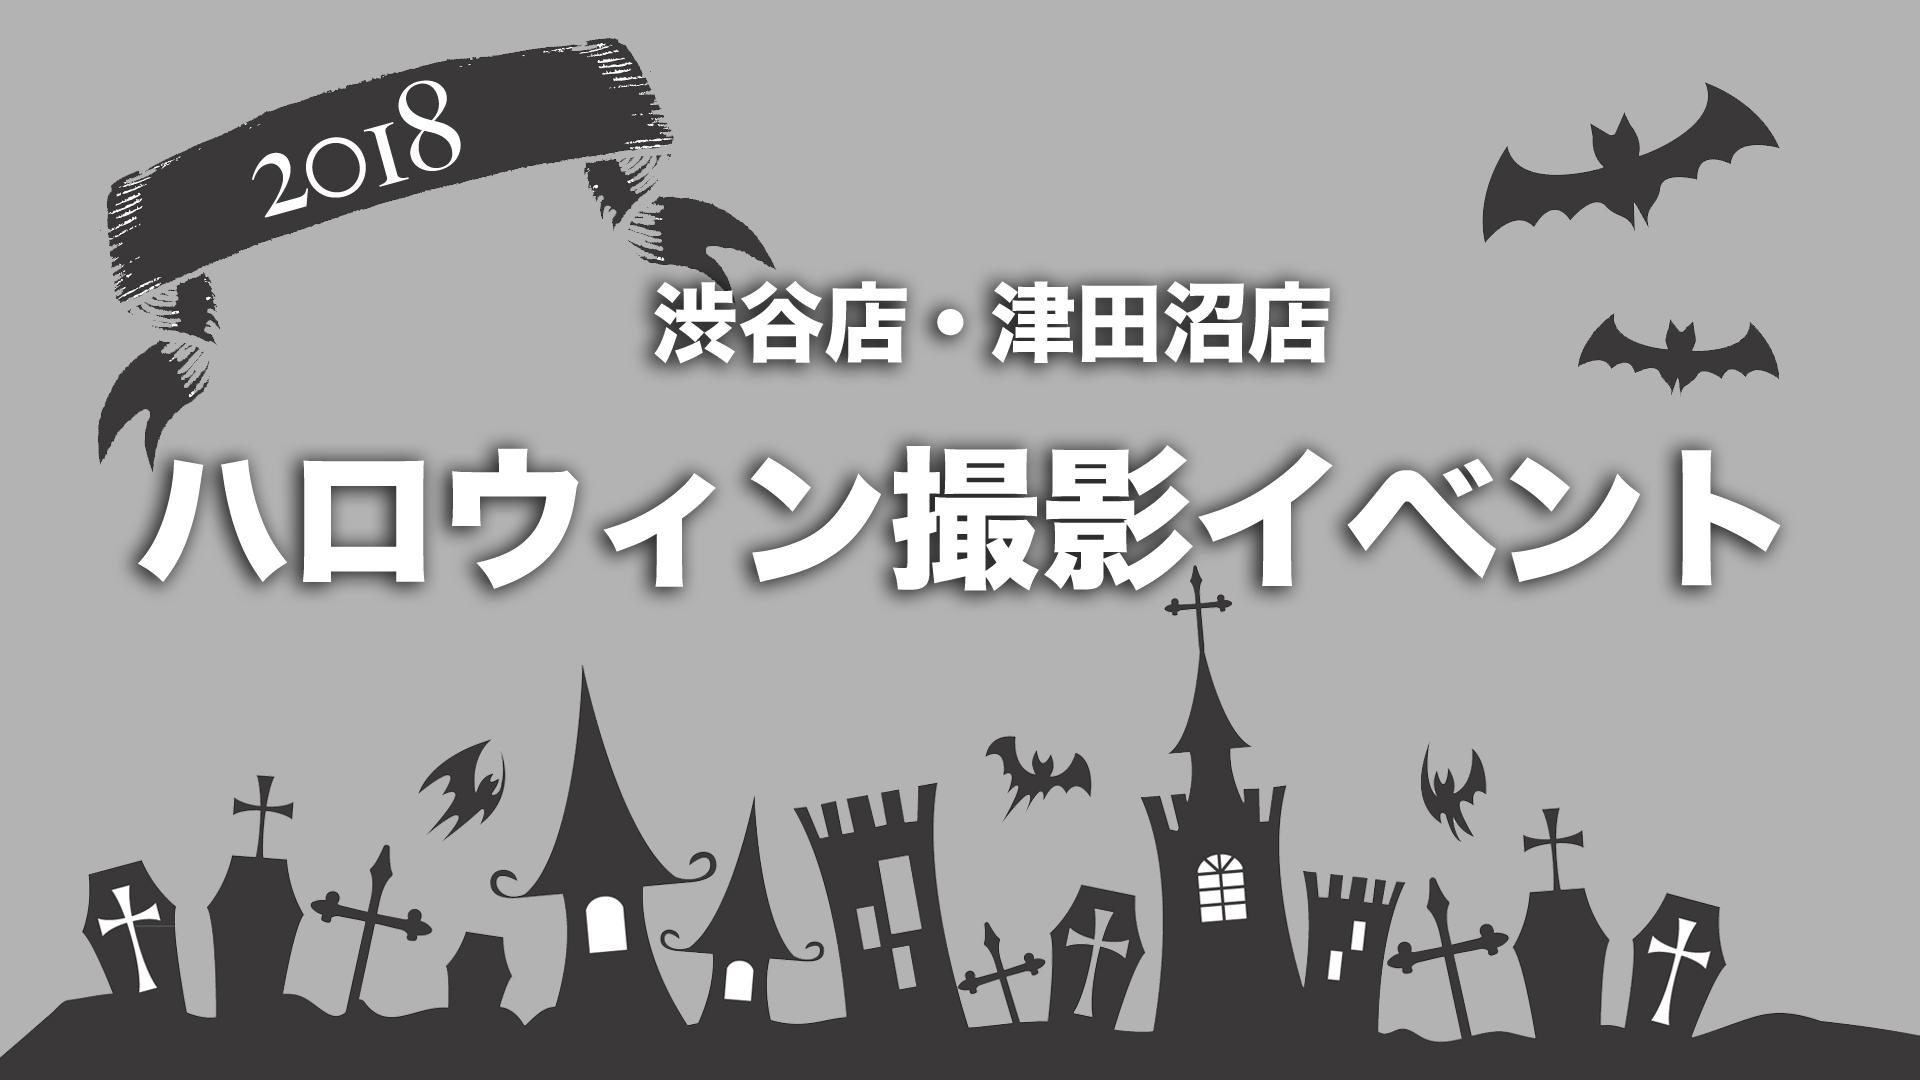 2018 ハロウィン撮影イベント開催します!